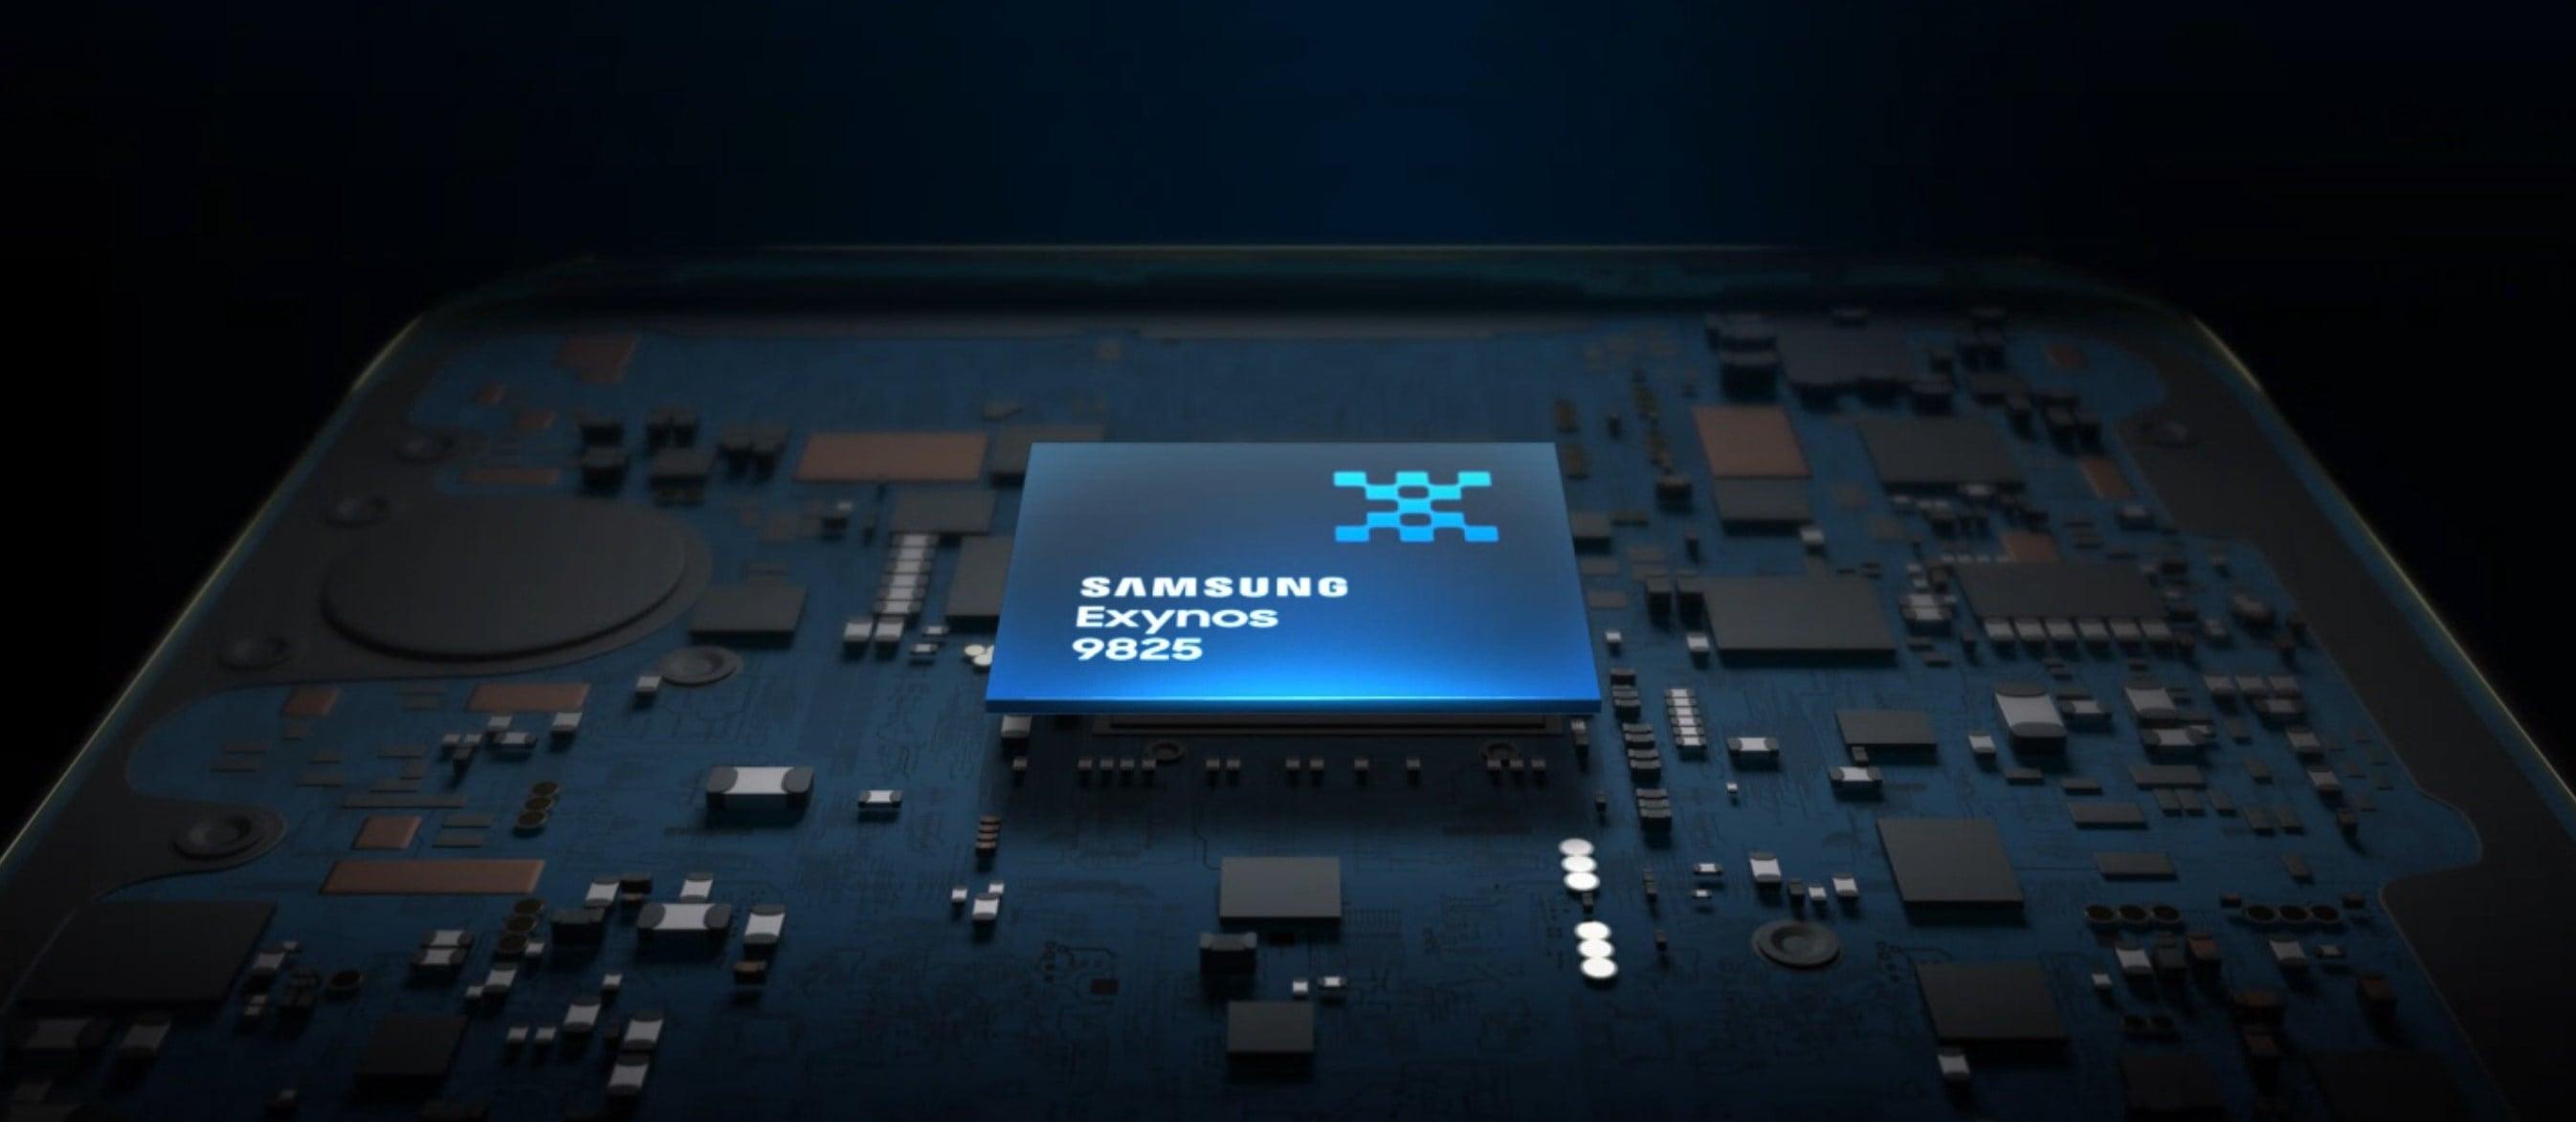 Samsung przedstawia procesor przeznaczony dla większości smartfonów Galaxy Note 10 18